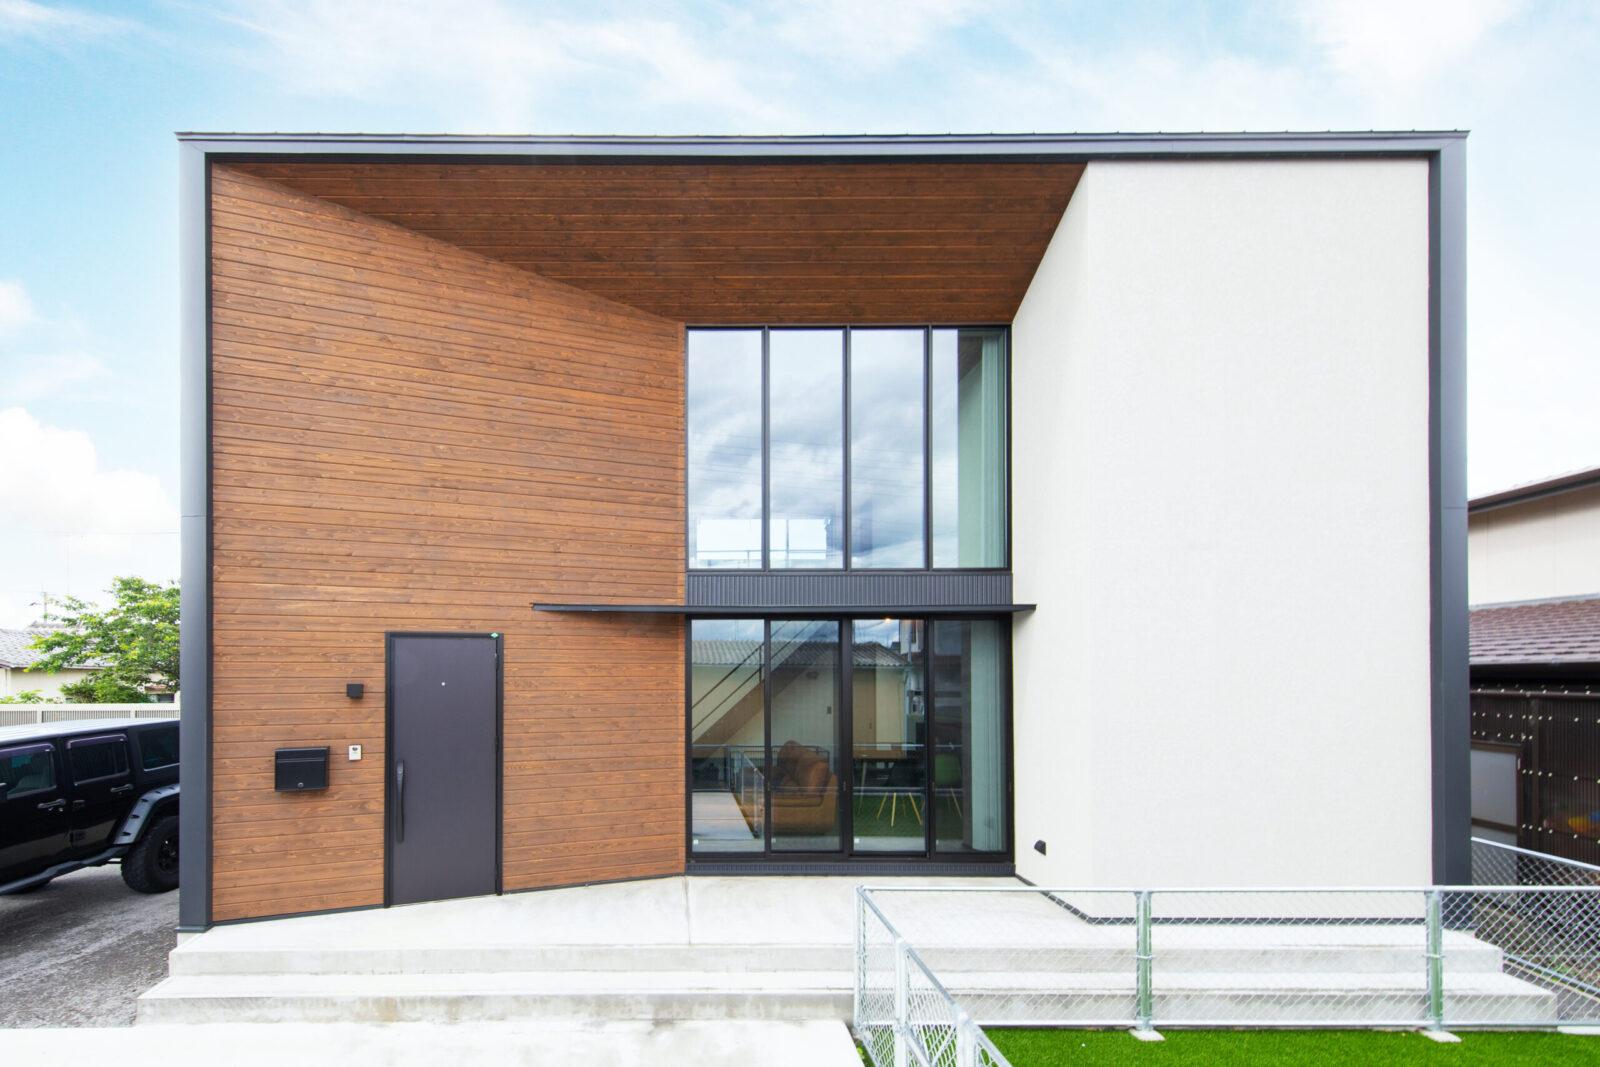 耐震構法SE構法の家 ライフスタイルを大切にしたシンプル&スタイリッシュな家